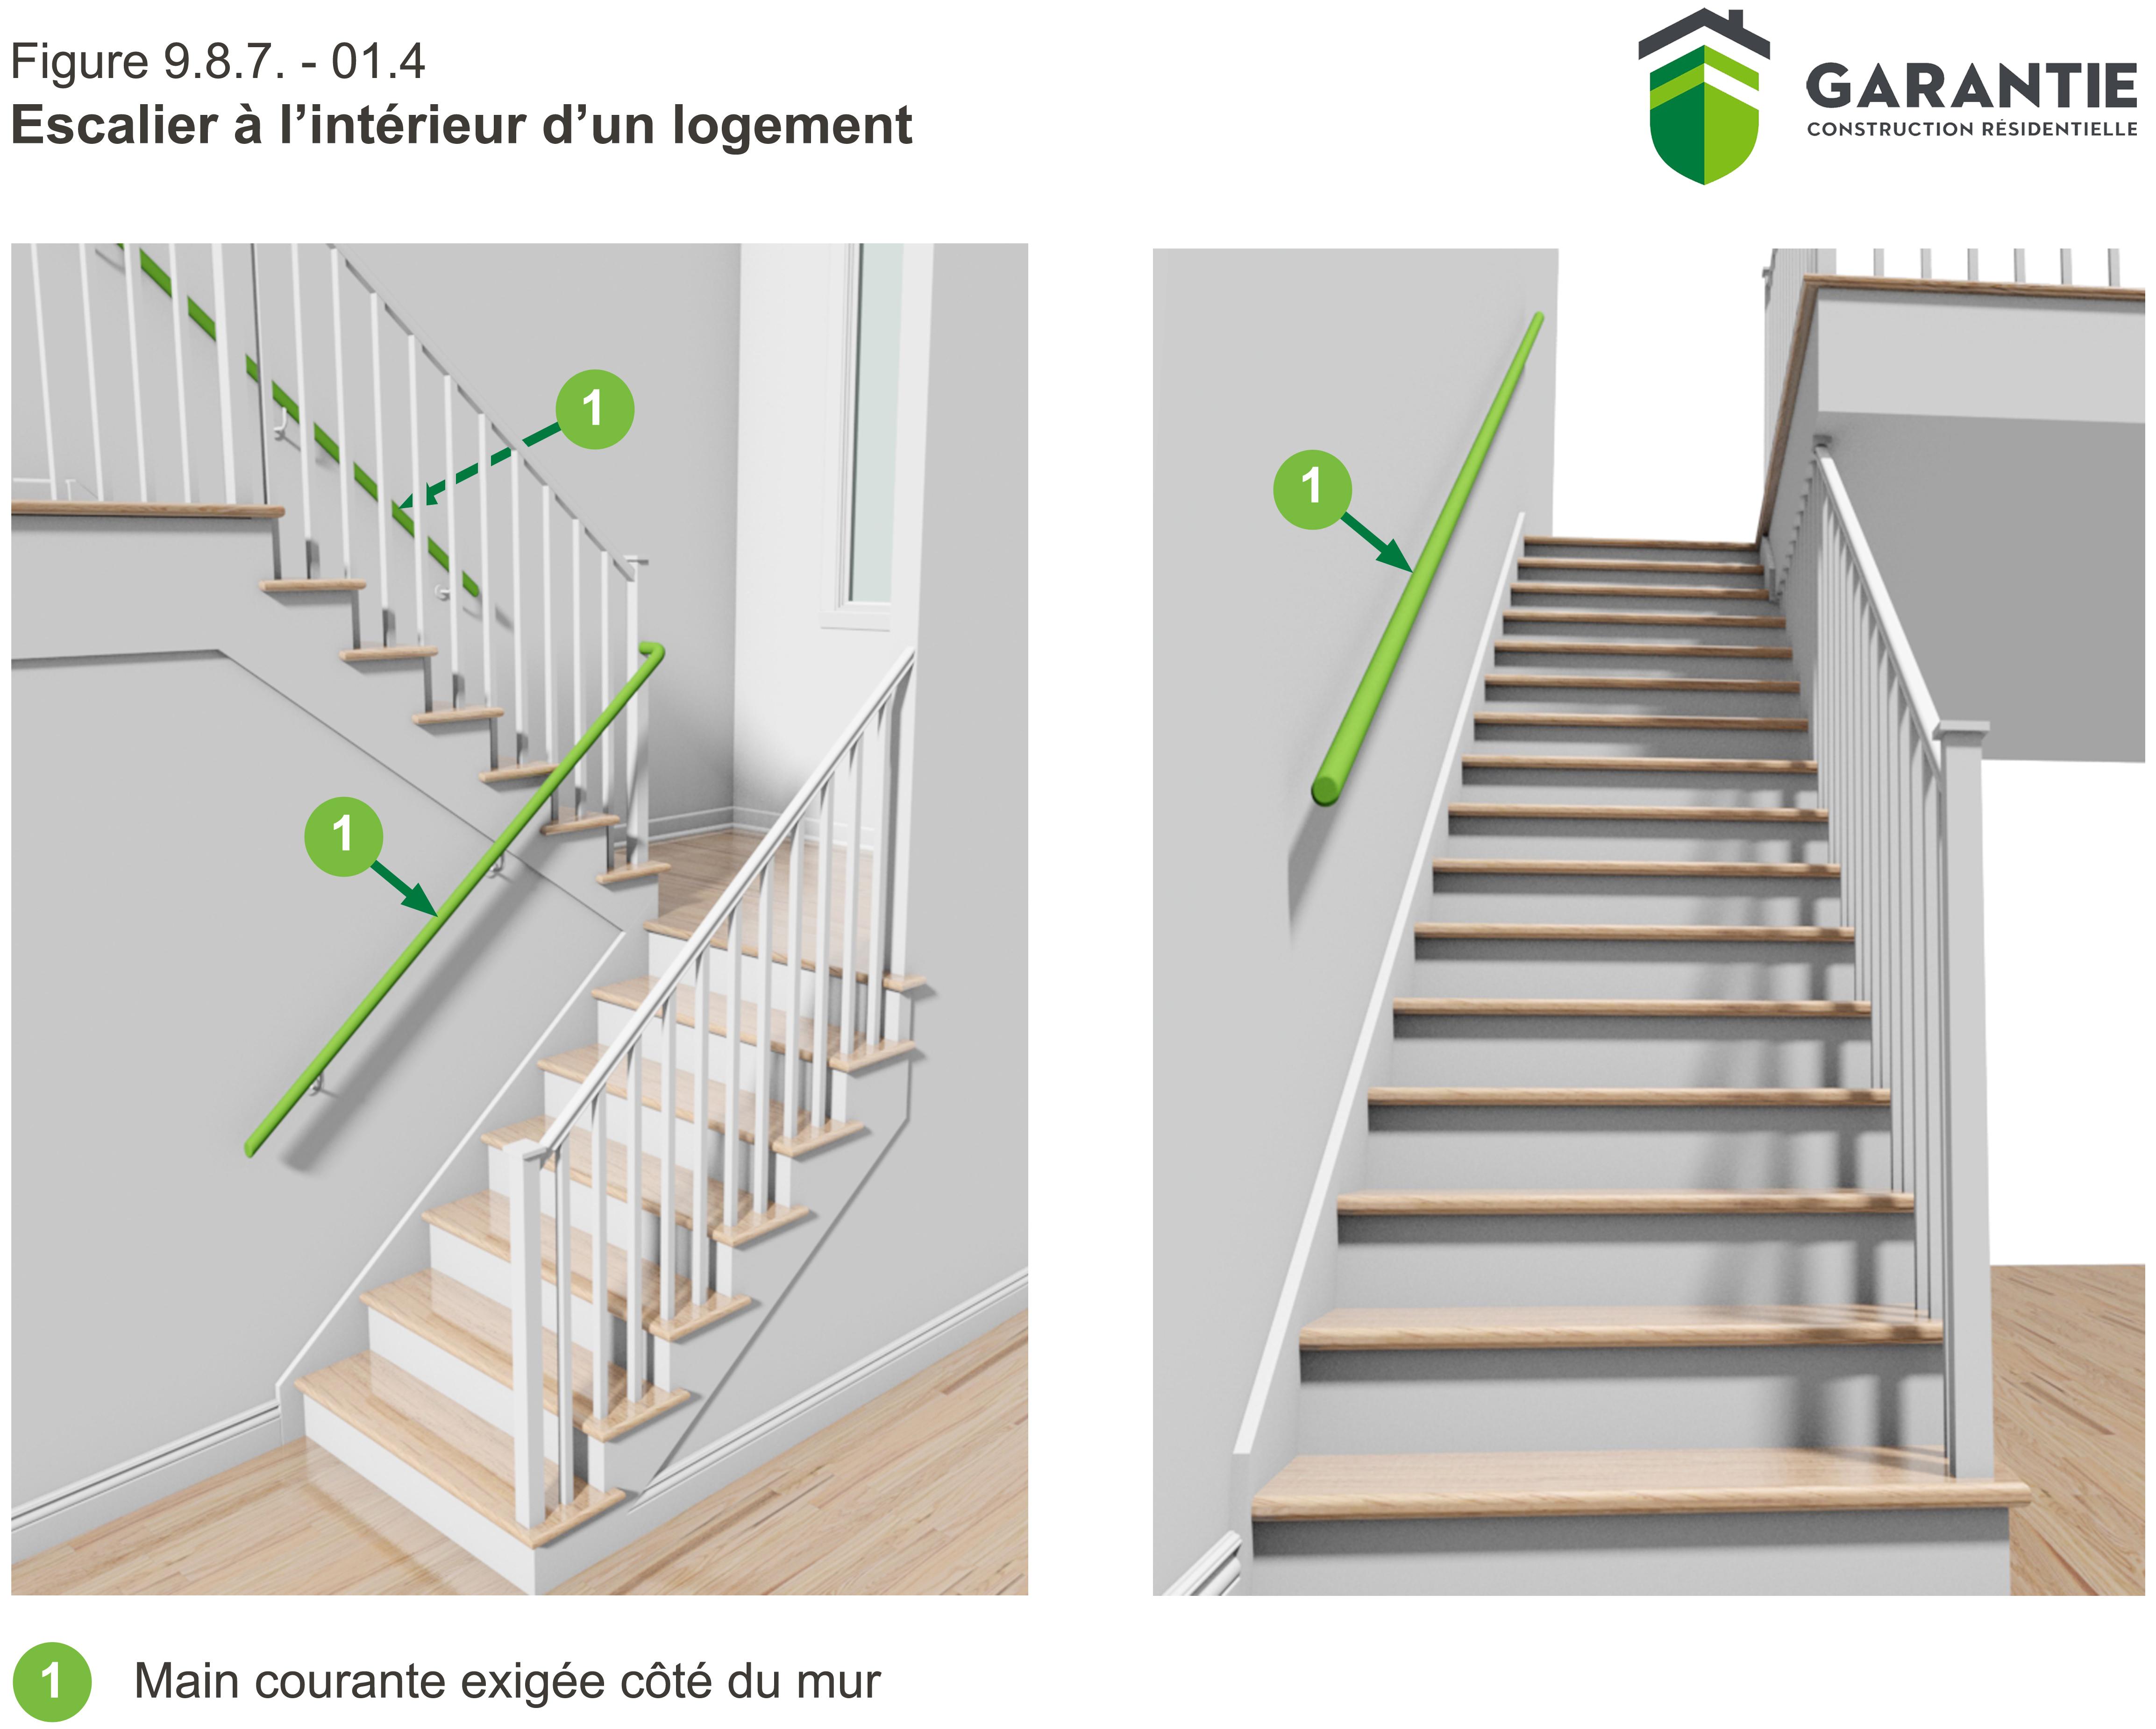 changement aux exigences du code 2010 concernant les mains courantes gcr. Black Bedroom Furniture Sets. Home Design Ideas